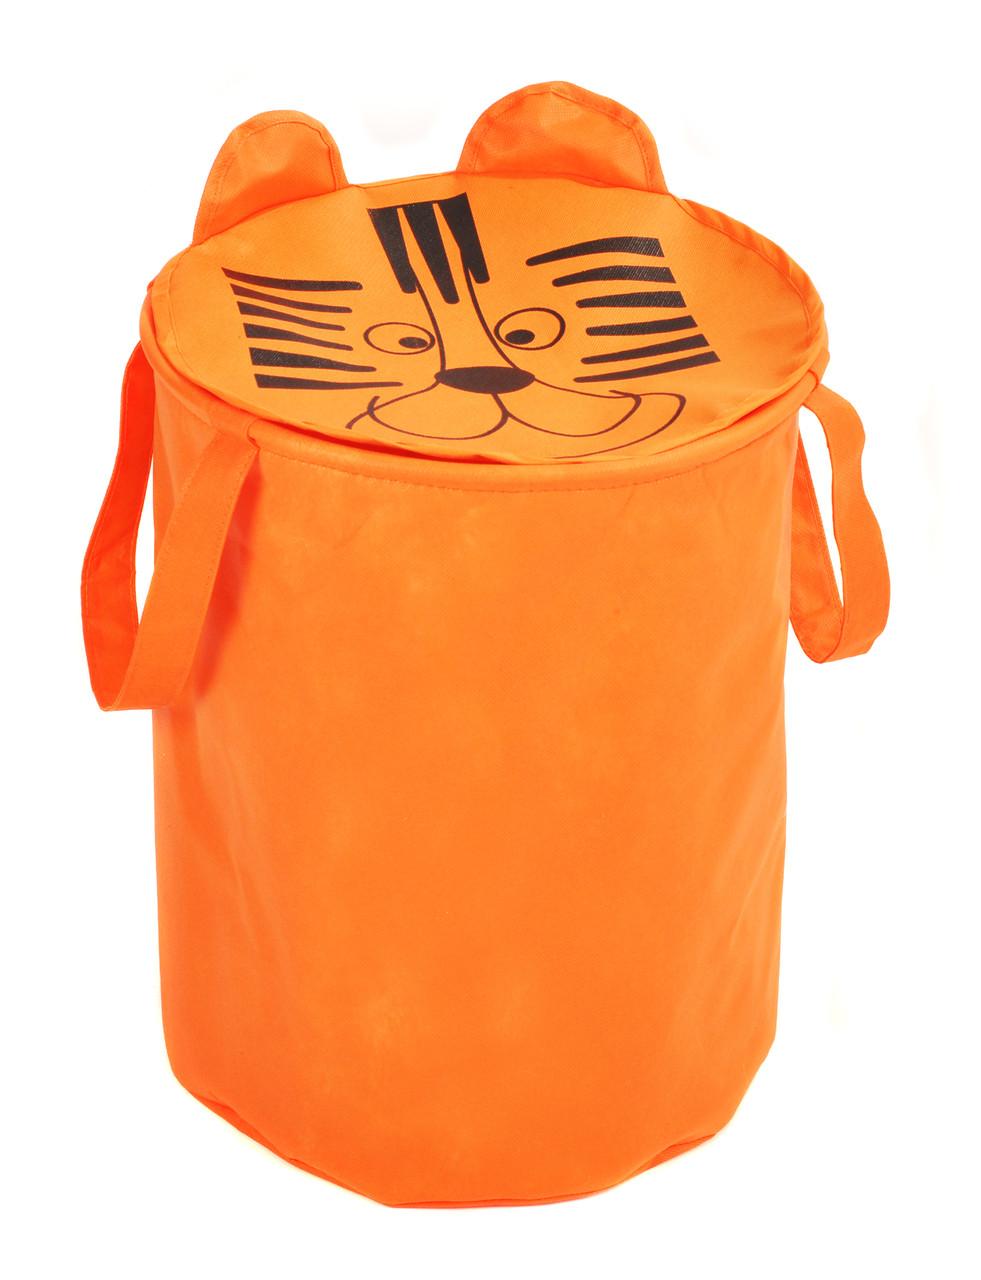 Мешок для хранения игрушек, 35 * 40 см, Зоопарк, Тигр (с крышкой)